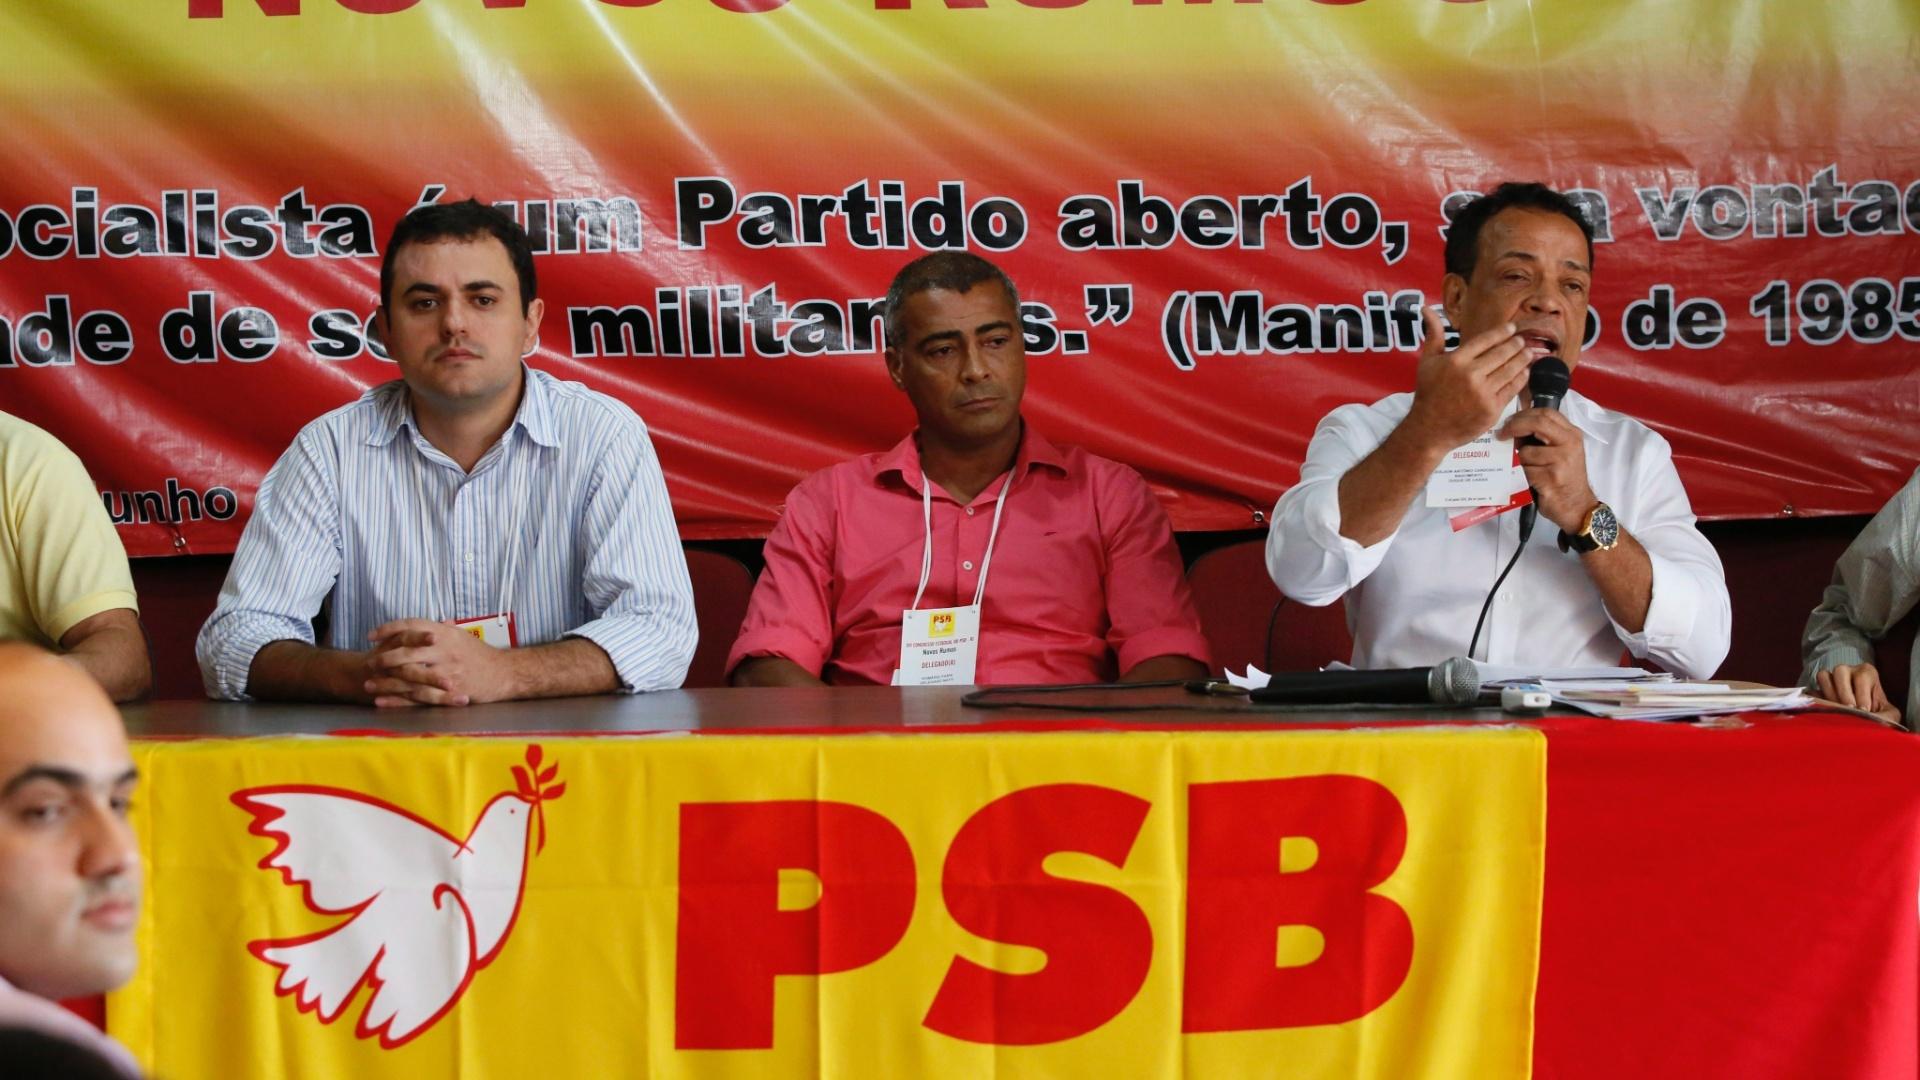 21.jun.2014 - O PSB (Partido Socialista Brasileiro) confirmou durante sua convenção o atual deputado federal Romário como candidato a senador